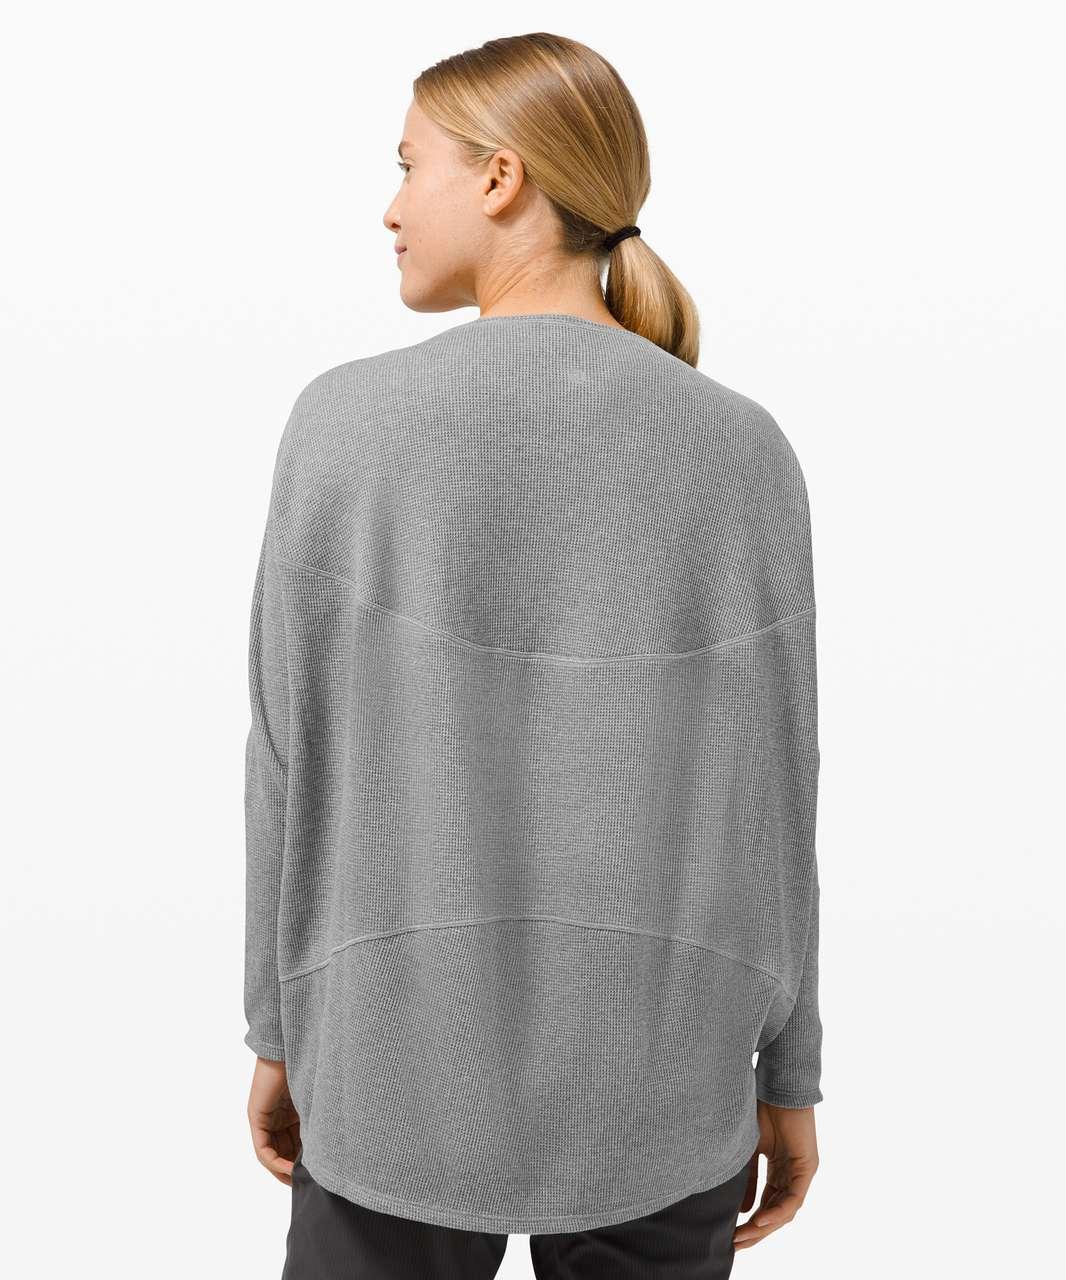 Lululemon Back In Action Long Sleeve *Waffle - Heathered Core Medium Grey